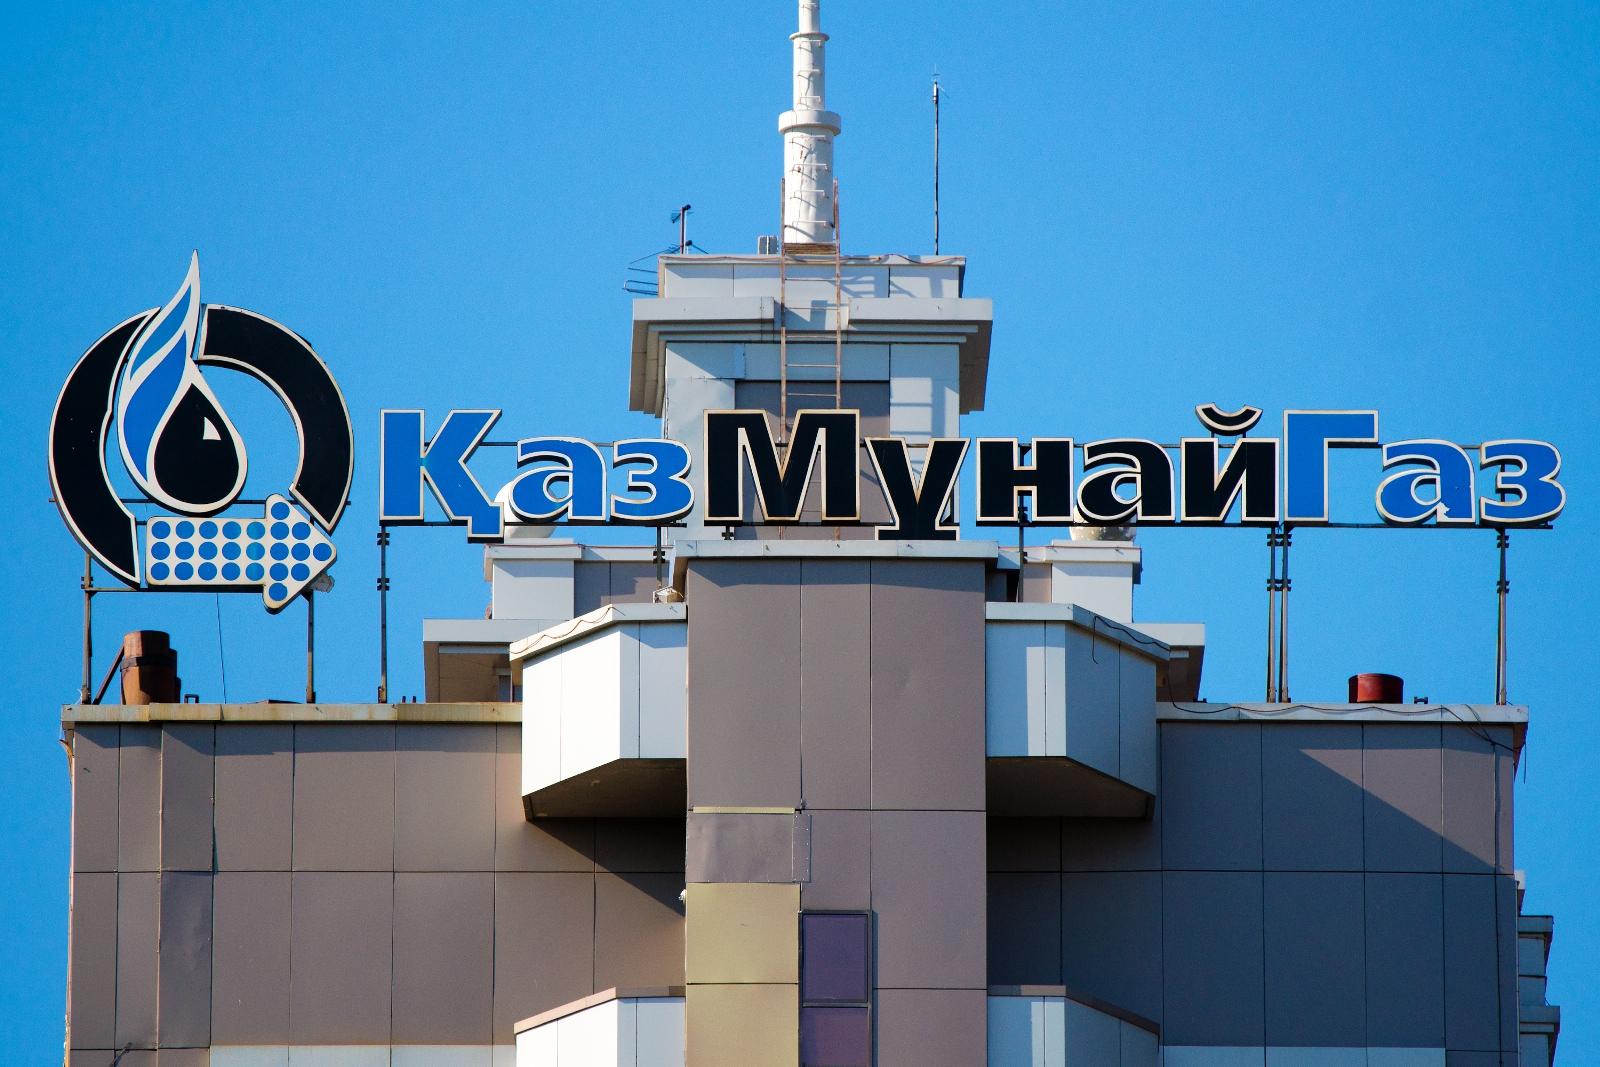 Азербайджанская SOCAR для работы на Каспии будет использовать буровую установку КМГ